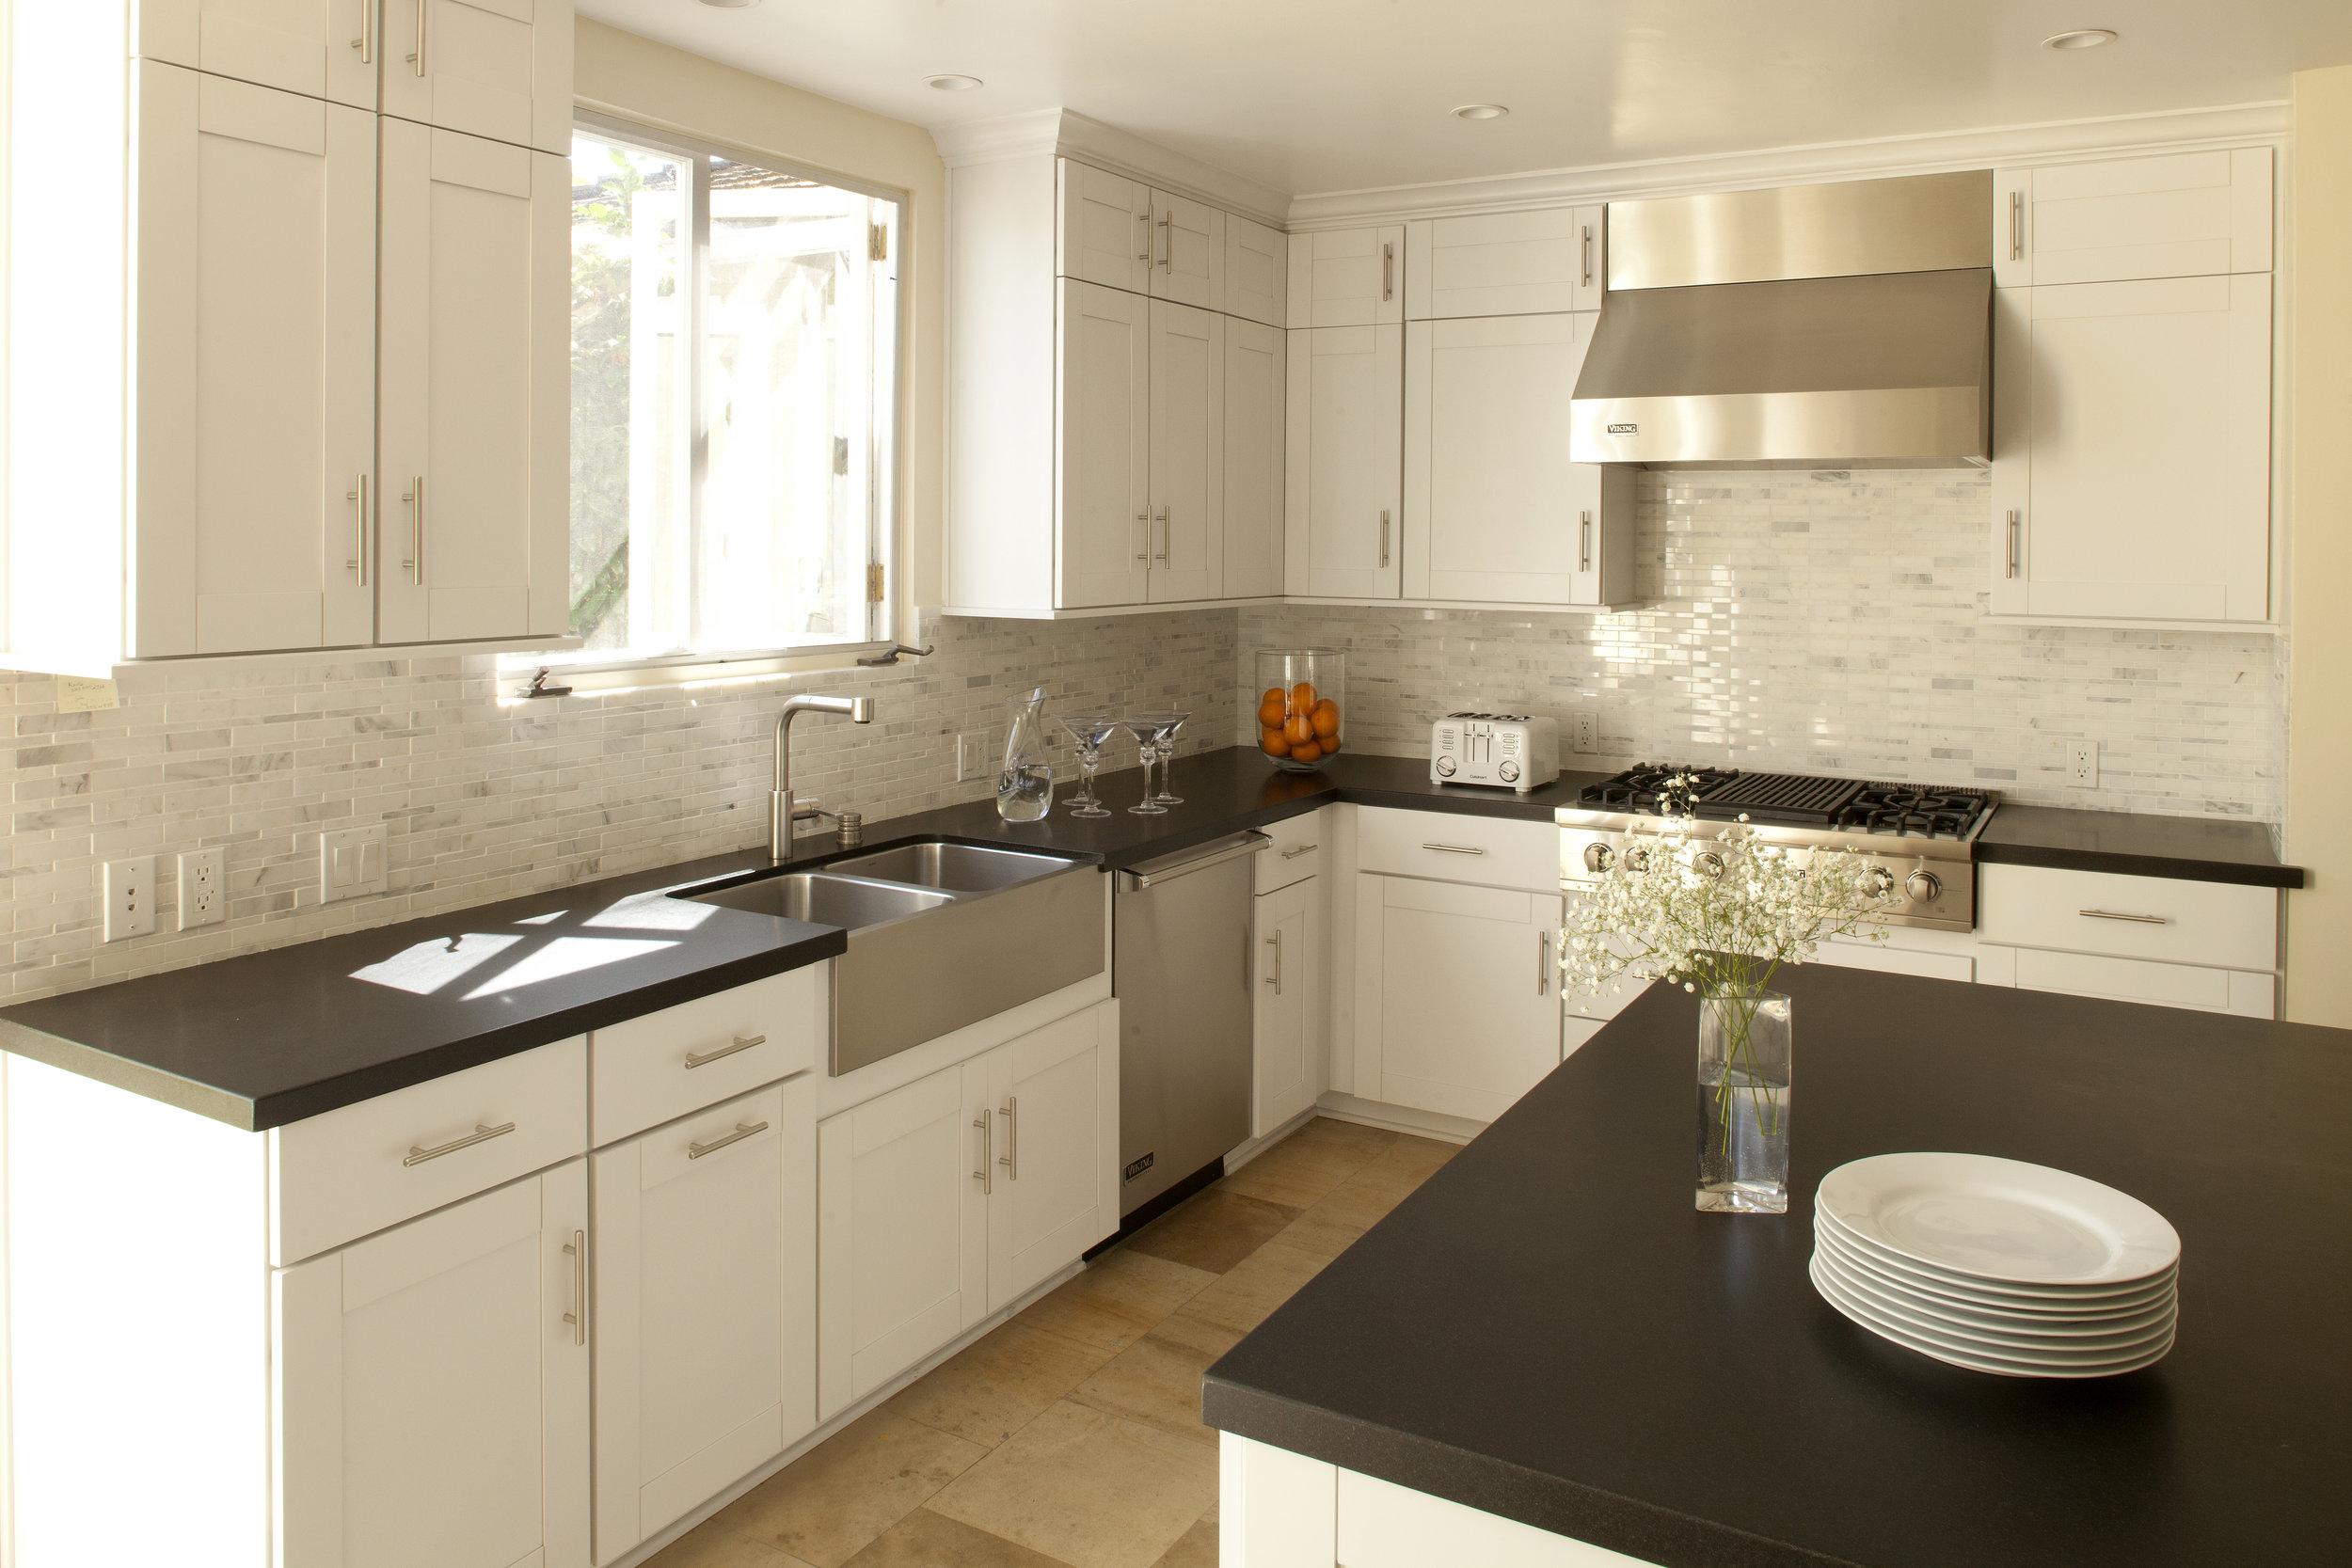 alma-real-kitchen